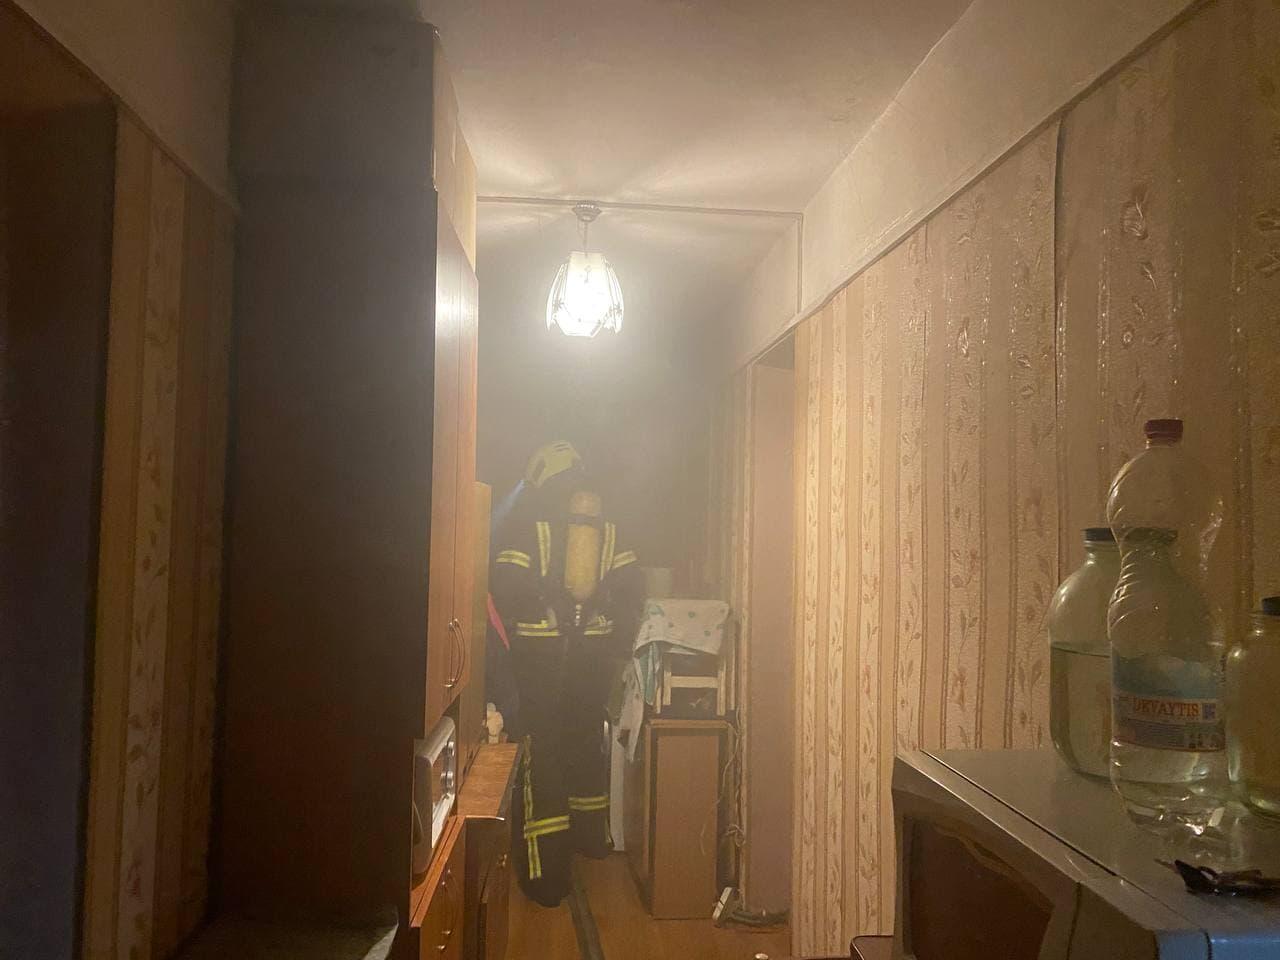 Крадіжки, напади й пожежі: з якою небезпекою зіткнулися кияни - розбійний напад, пожежі, крадіжки - photo 2021 02 04 12 32 28